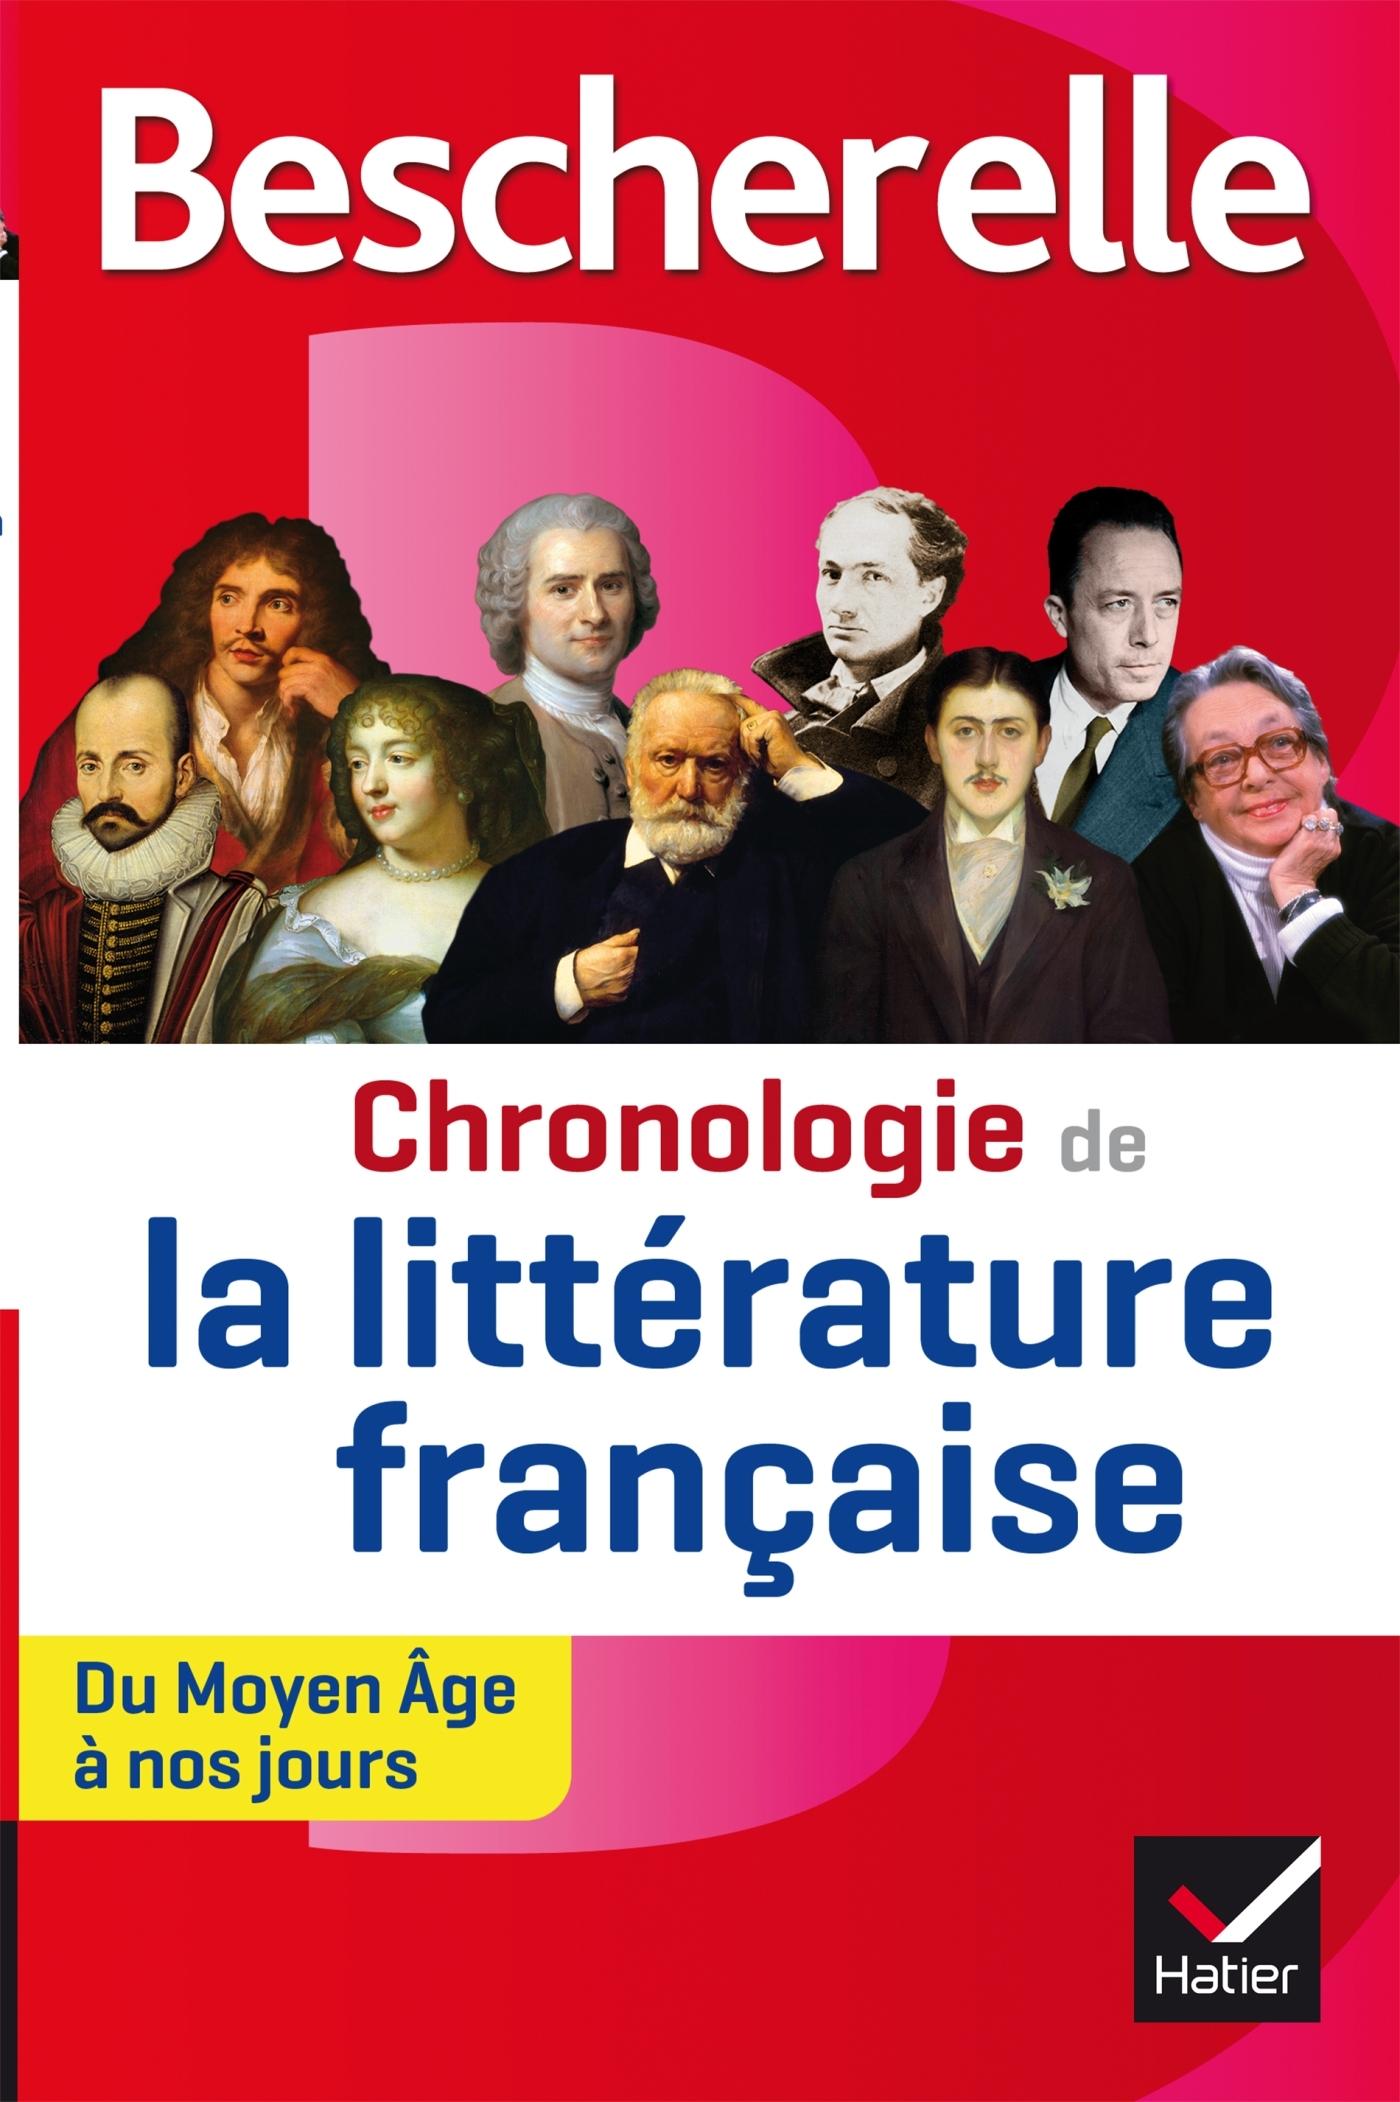 BESCHERELLE CHRONOLOGIE DE LA LITTERATURE FRANCAISE